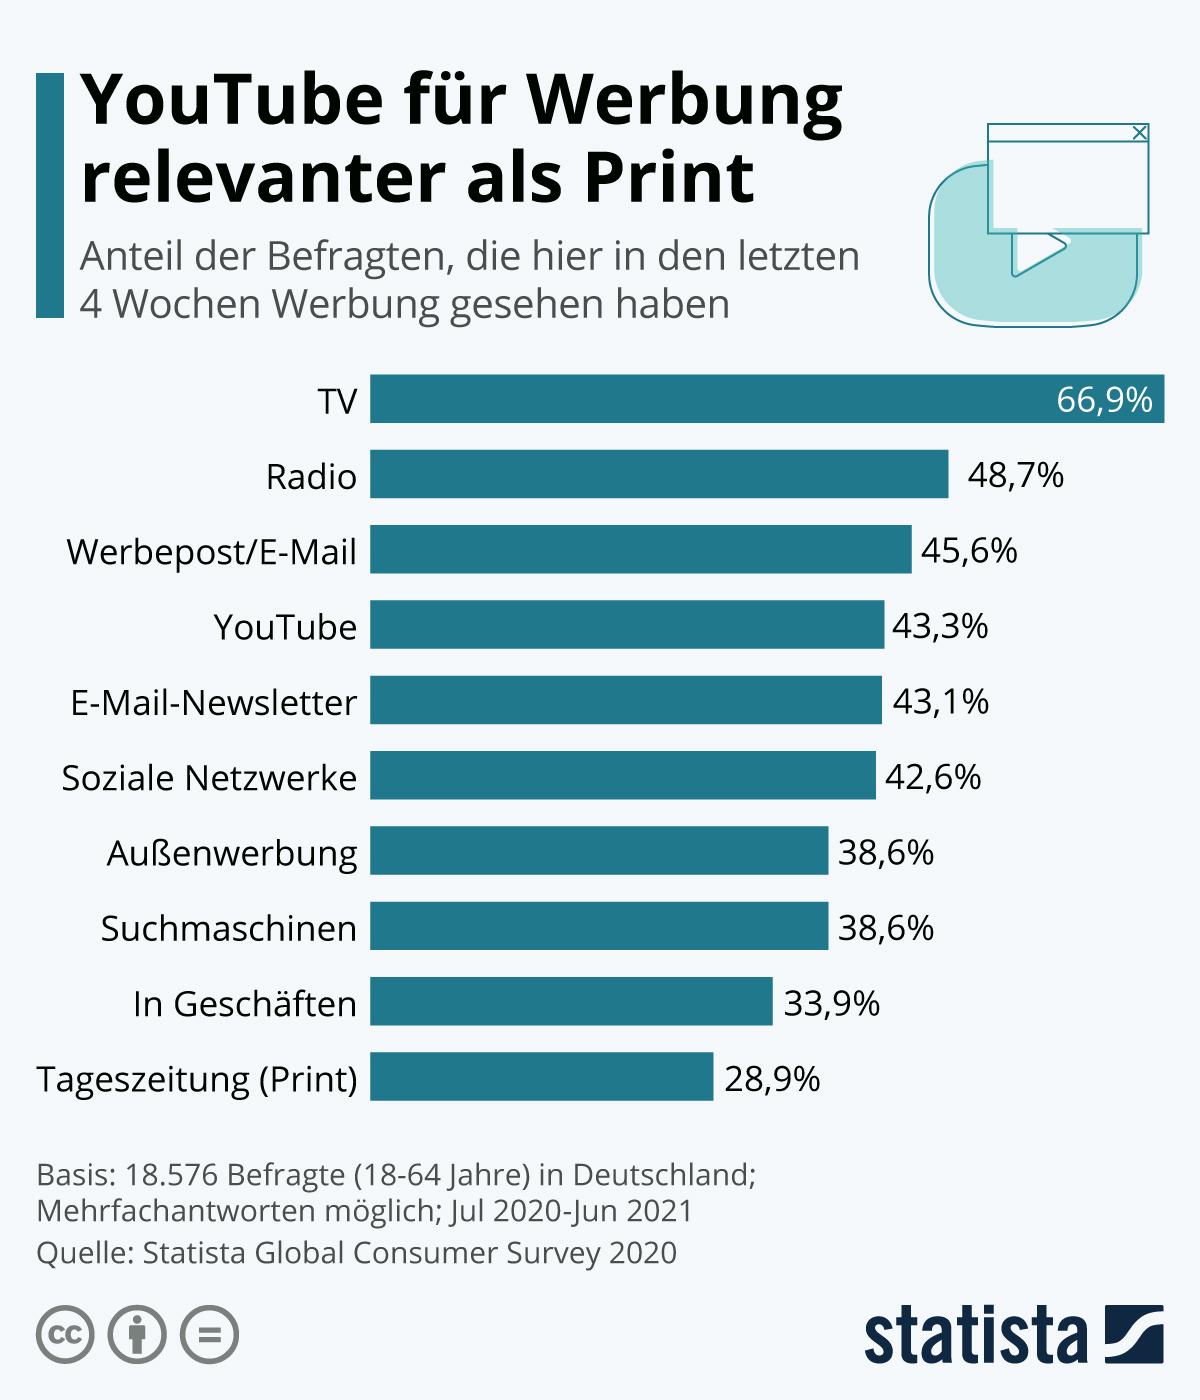 Infografik: Ist YouTube für Werbung relevanter als Print? | Statista